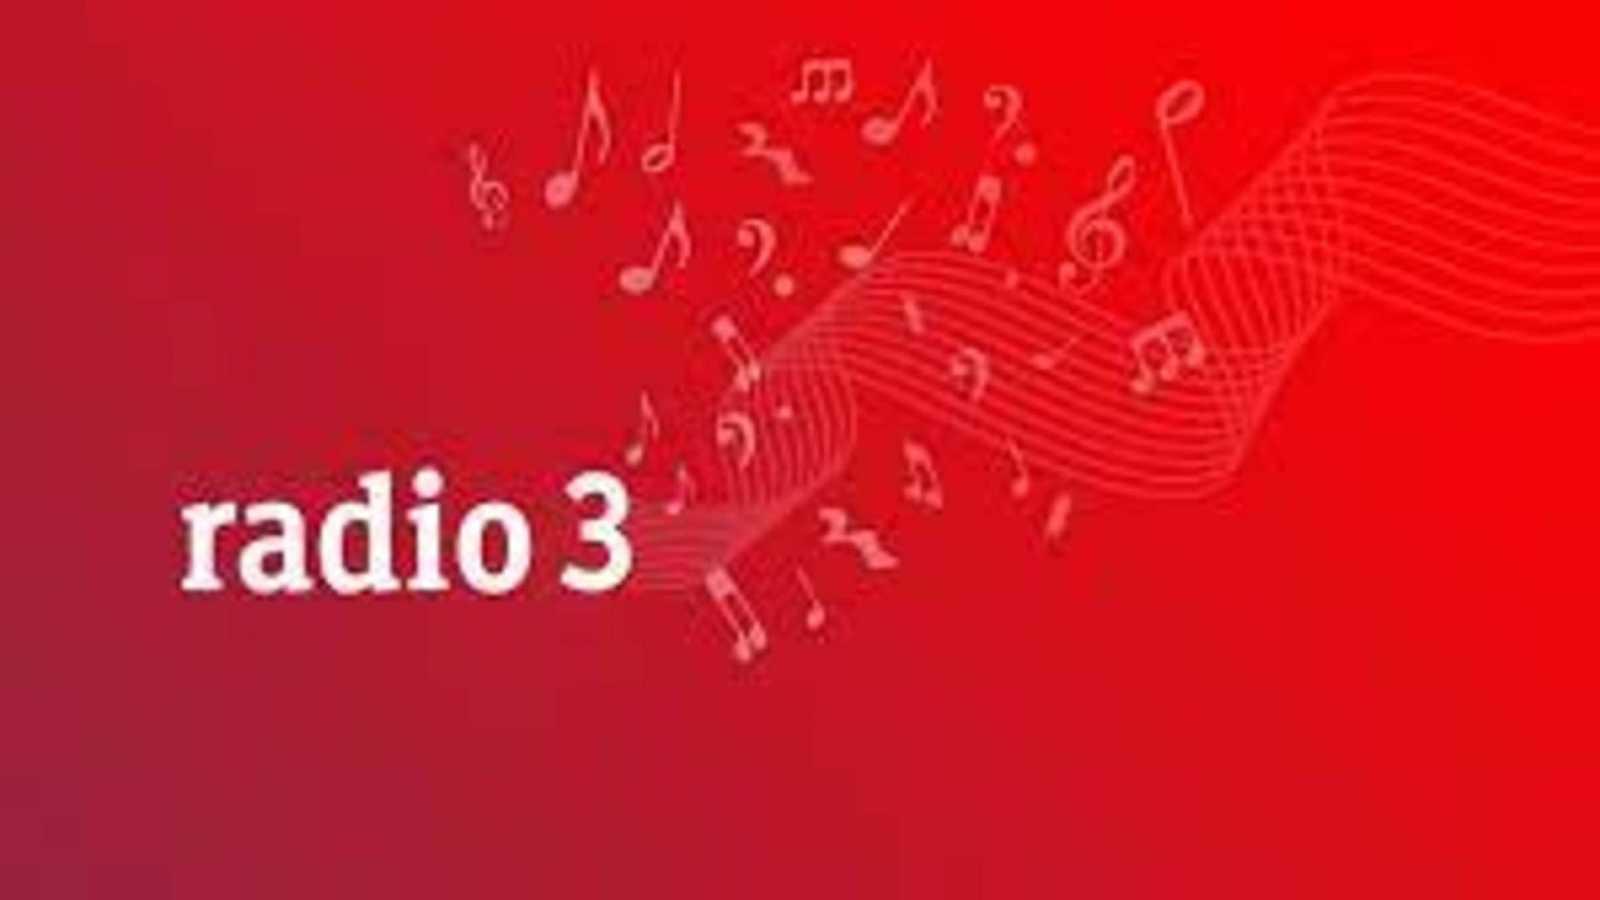 180 grados - El Día Mundial de la Radio - 12/02/21 - escuchar ahora